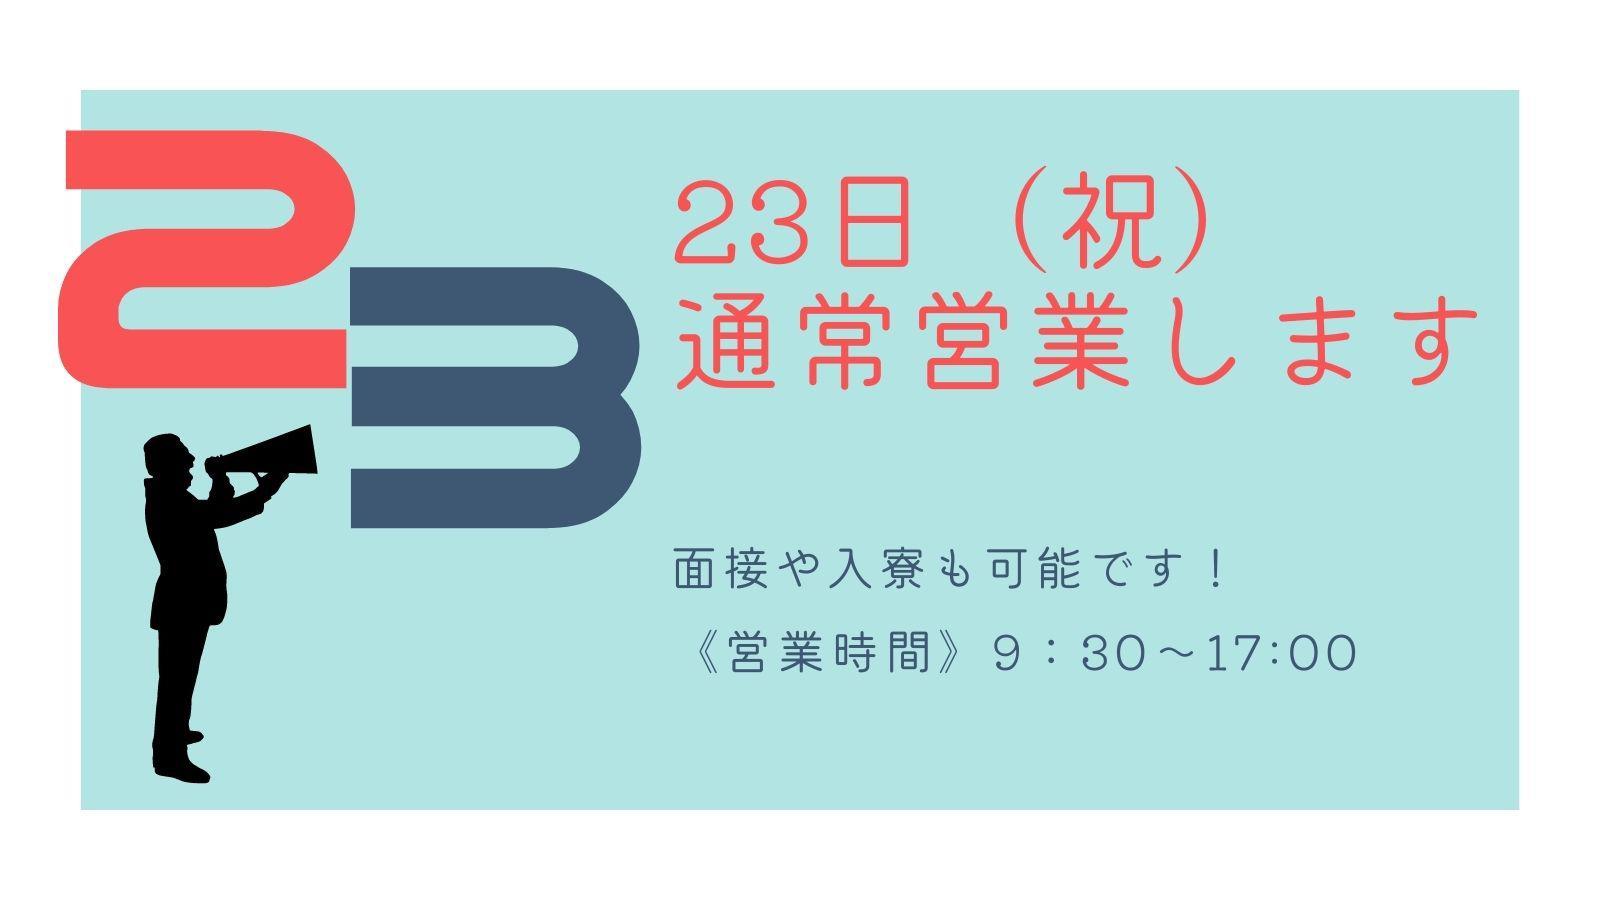 夏季営業日のお知らせ.jpg